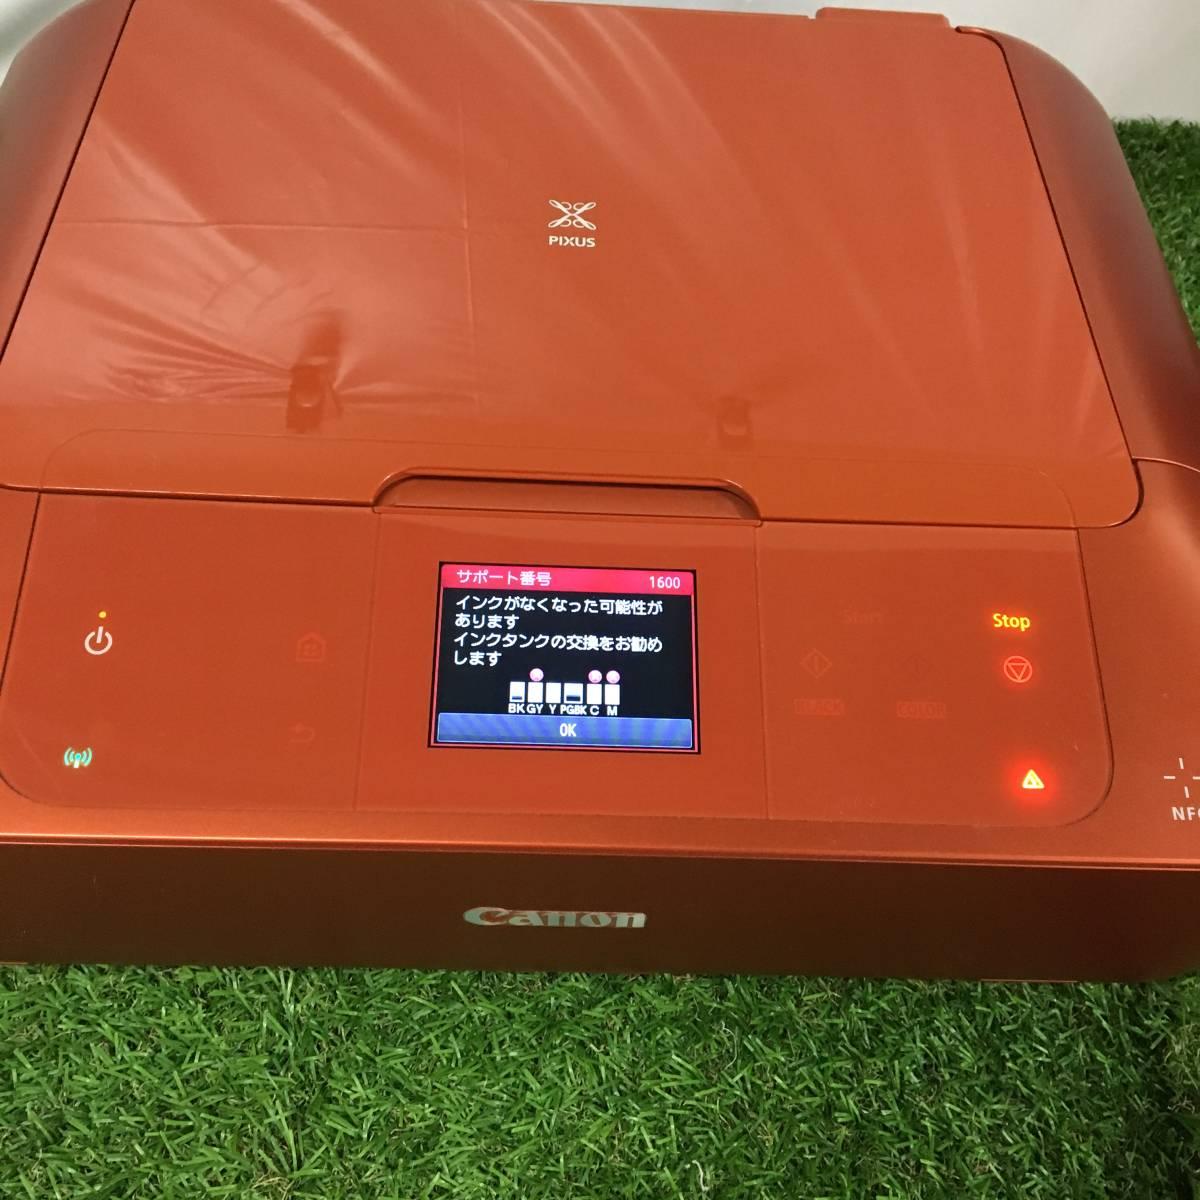 Canon キャノン PIXUS ピクサス インクジェット プリンタ MG7530 オレンジ テスト用紙付 動作確認済_画像3